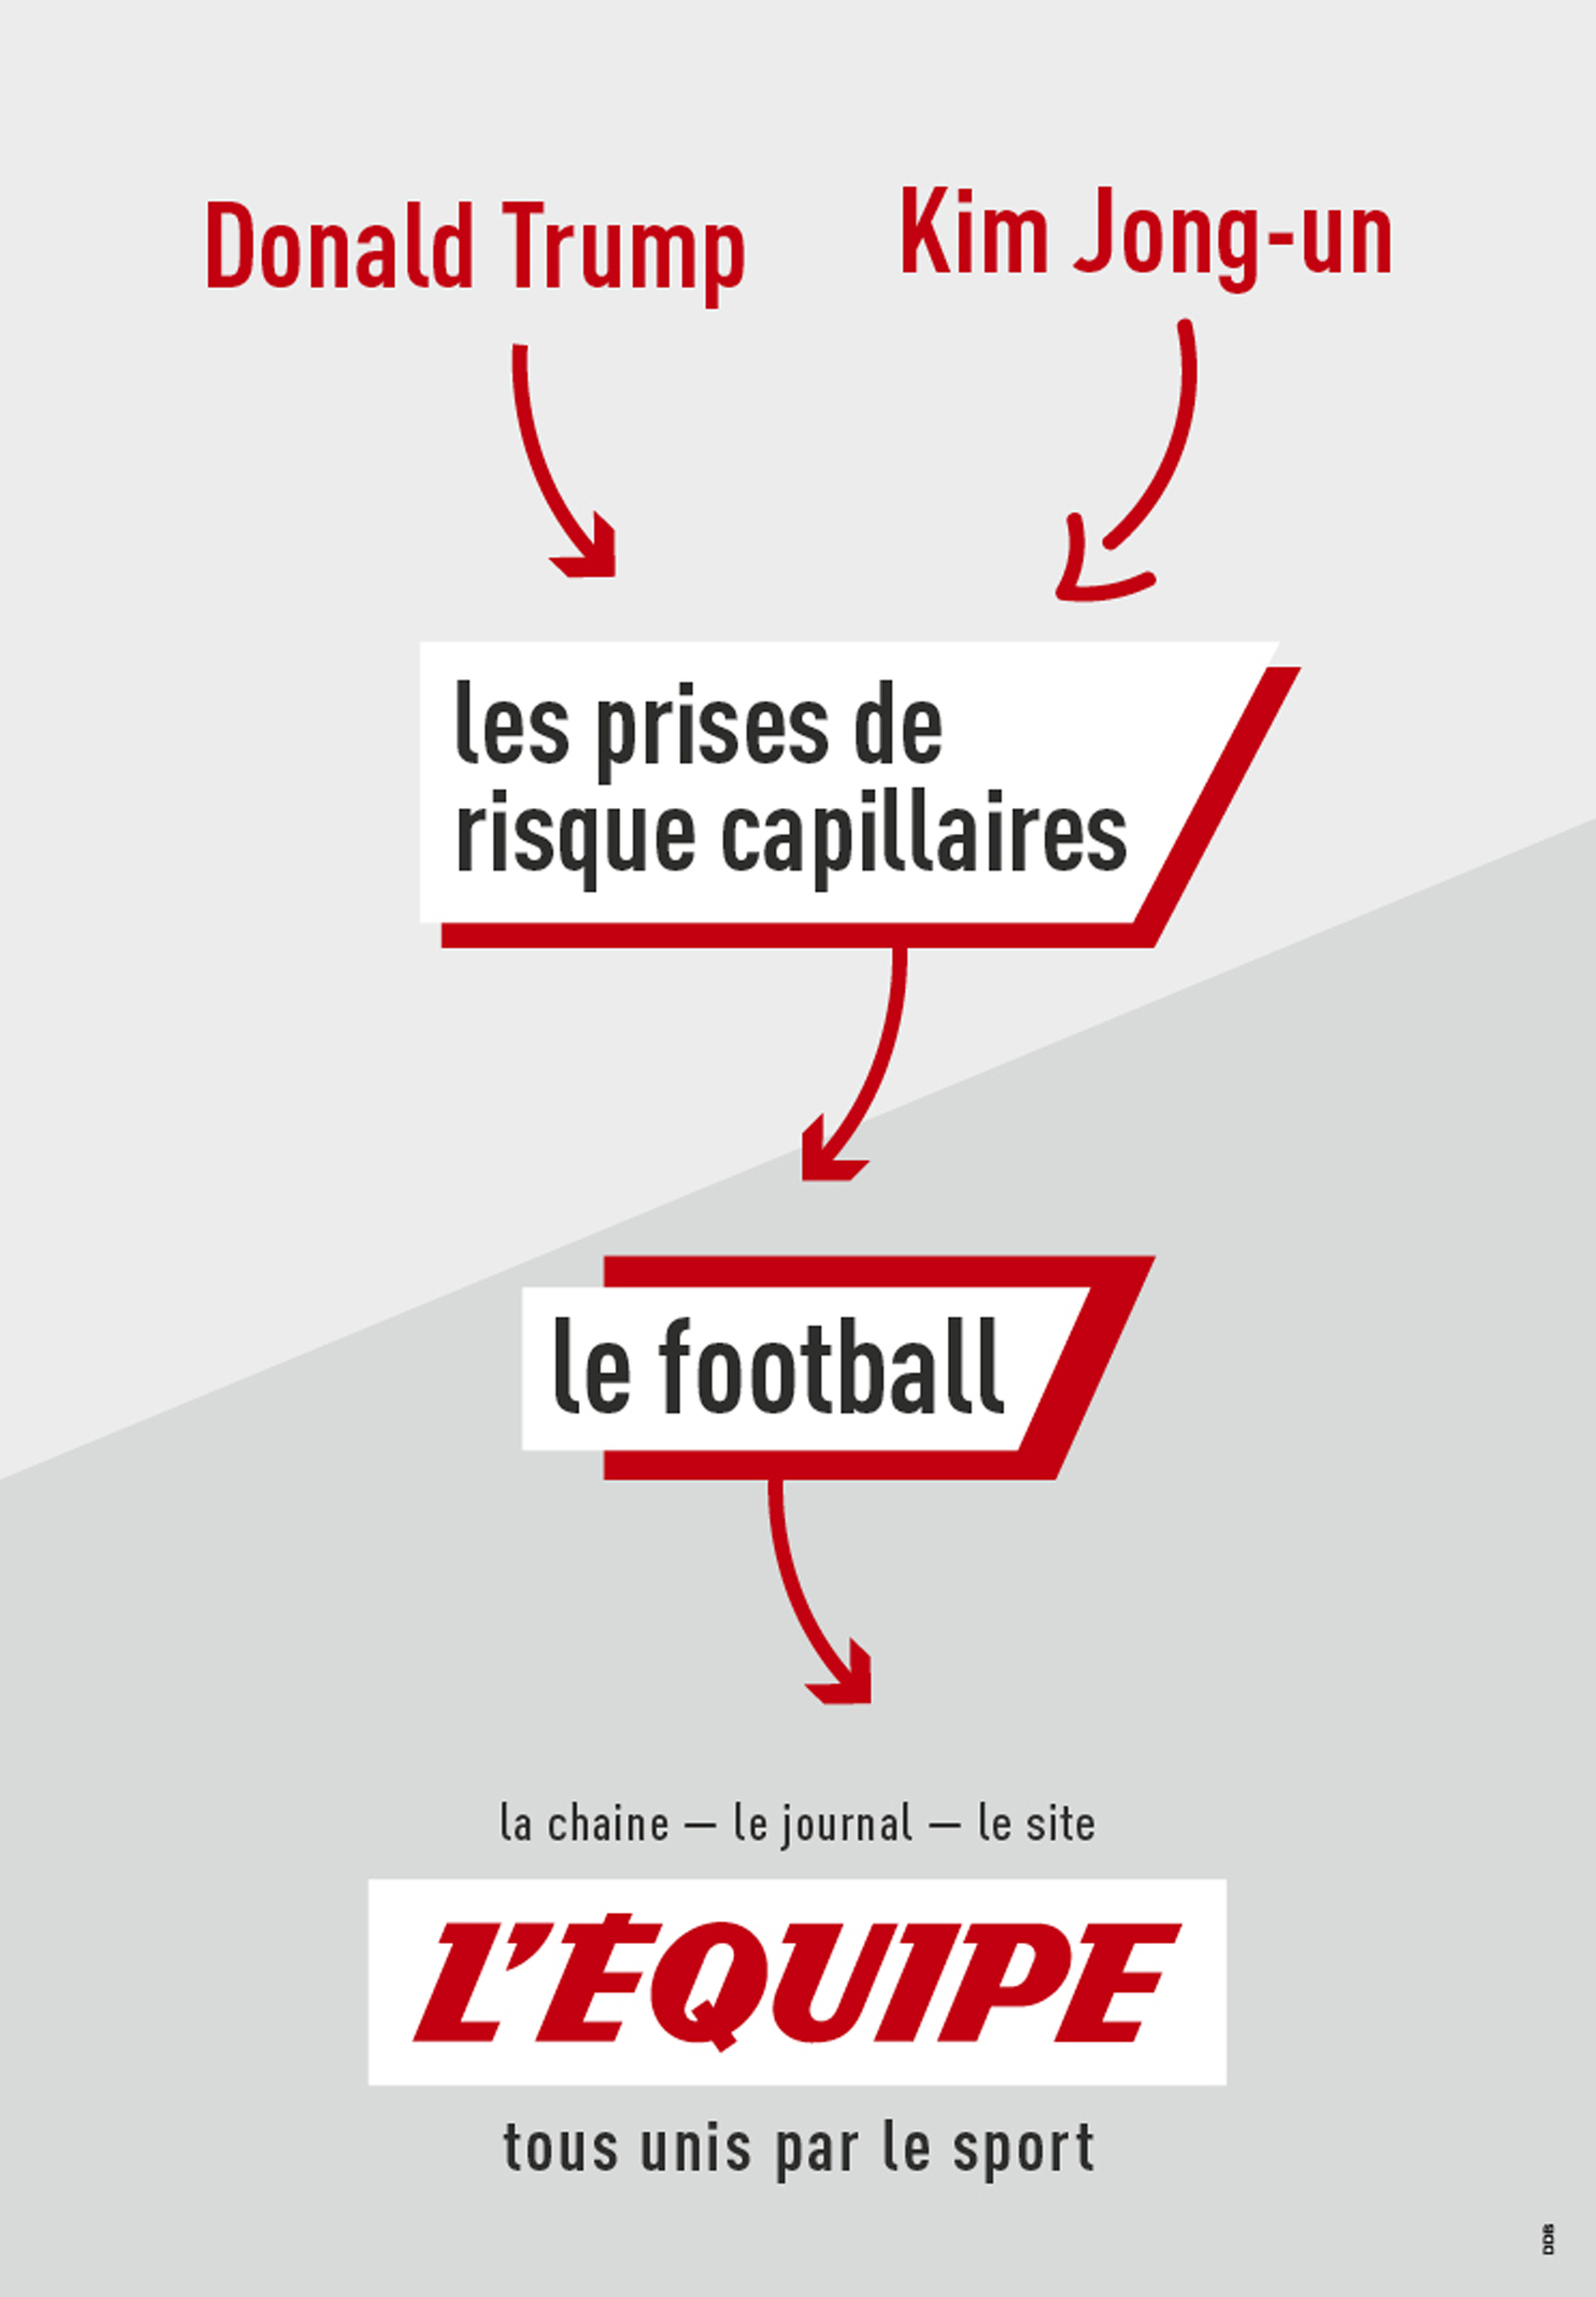 lequipe-journal-publicite-marketing-affichage-tous-unis-par-le-sport-ddb-paris-3